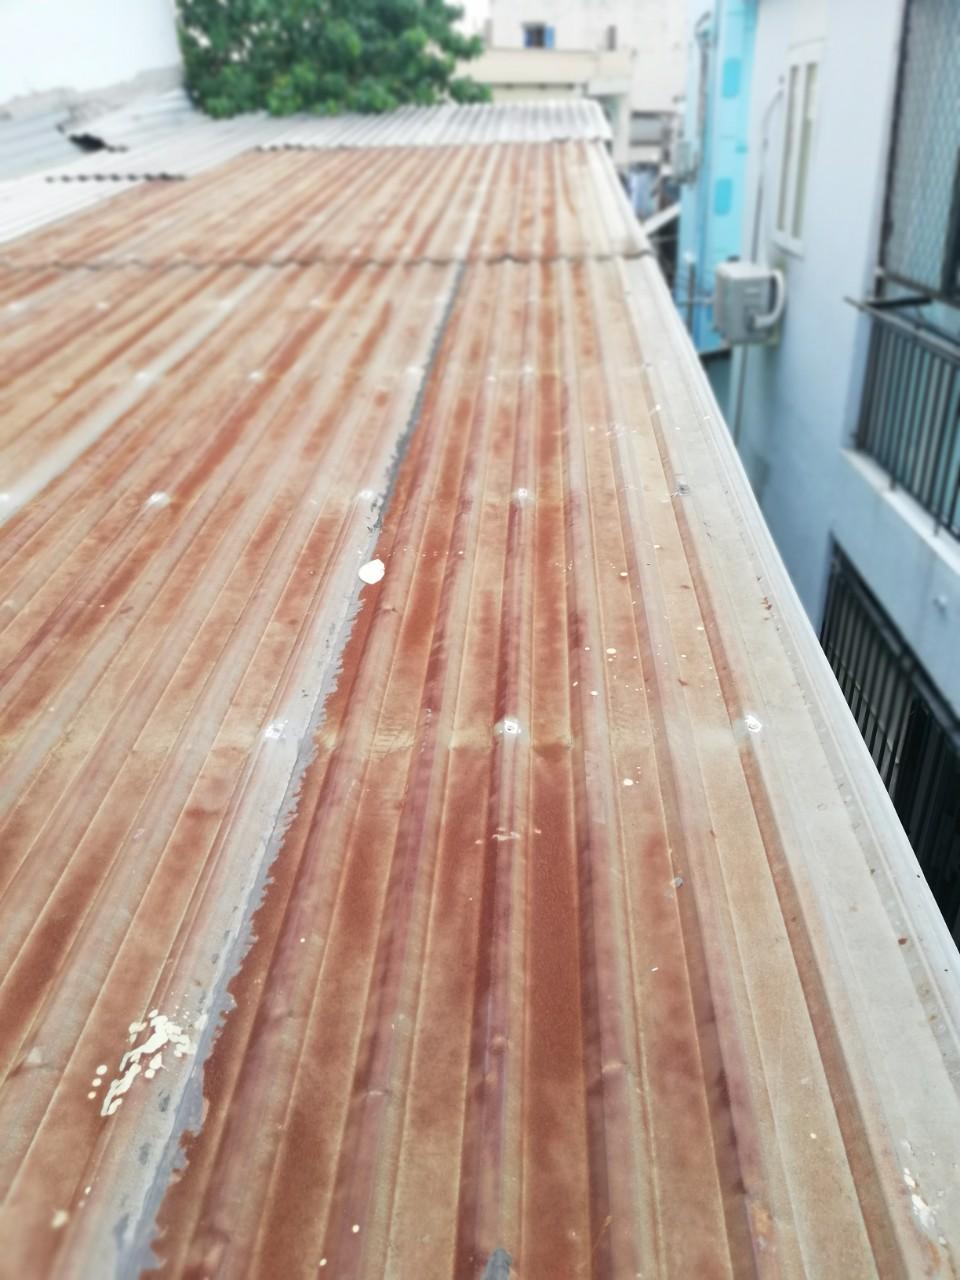 thay mới mái tôn cũ gỉ sét, làm mái tôn lợp mái tôn